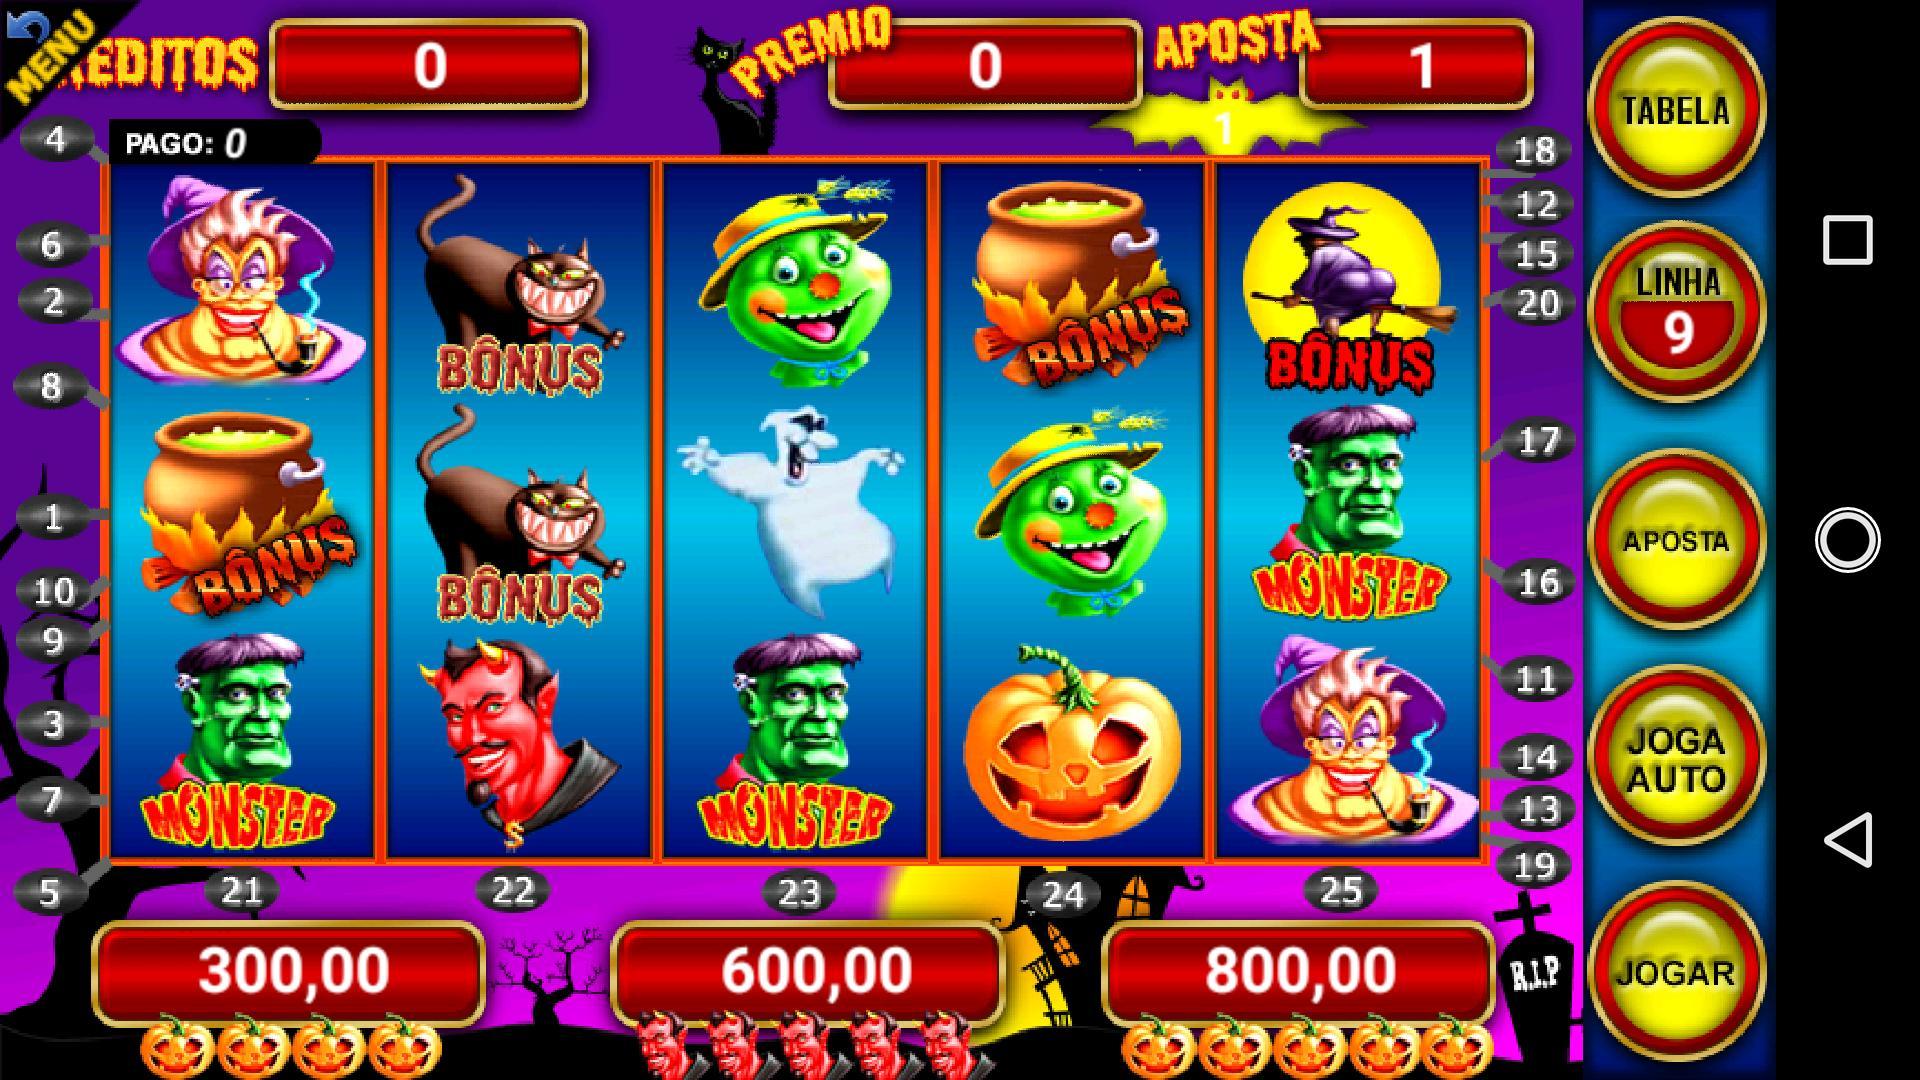 Apostas casino 22121